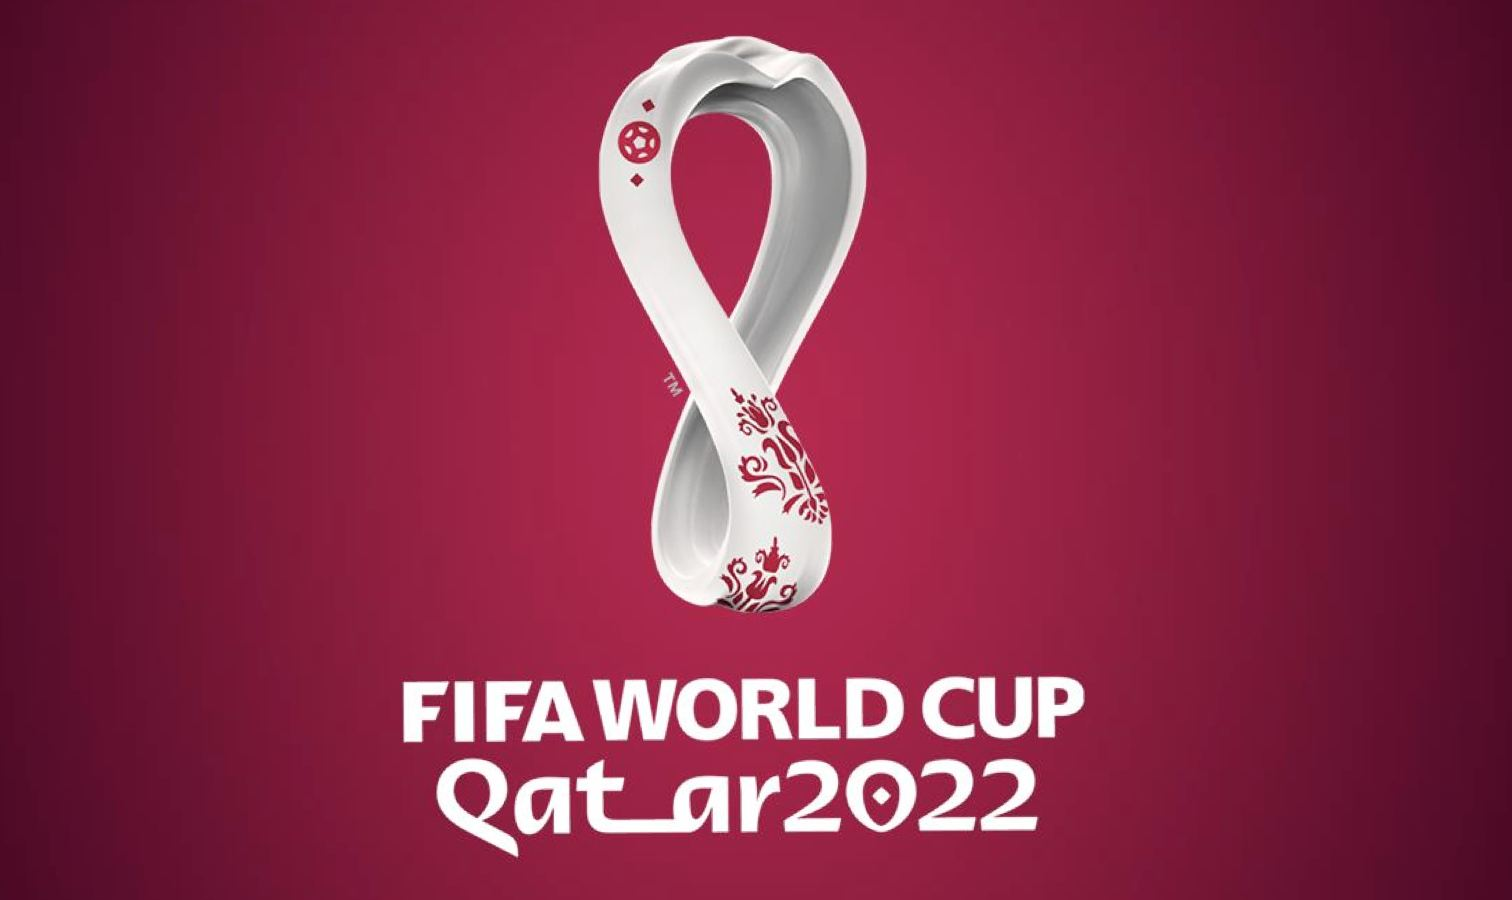 Calendrier Fifa Coupe Du Monde 2020.Qatar 2022 Coup D Envoi Des Eliminatoires De La Zone Afrique